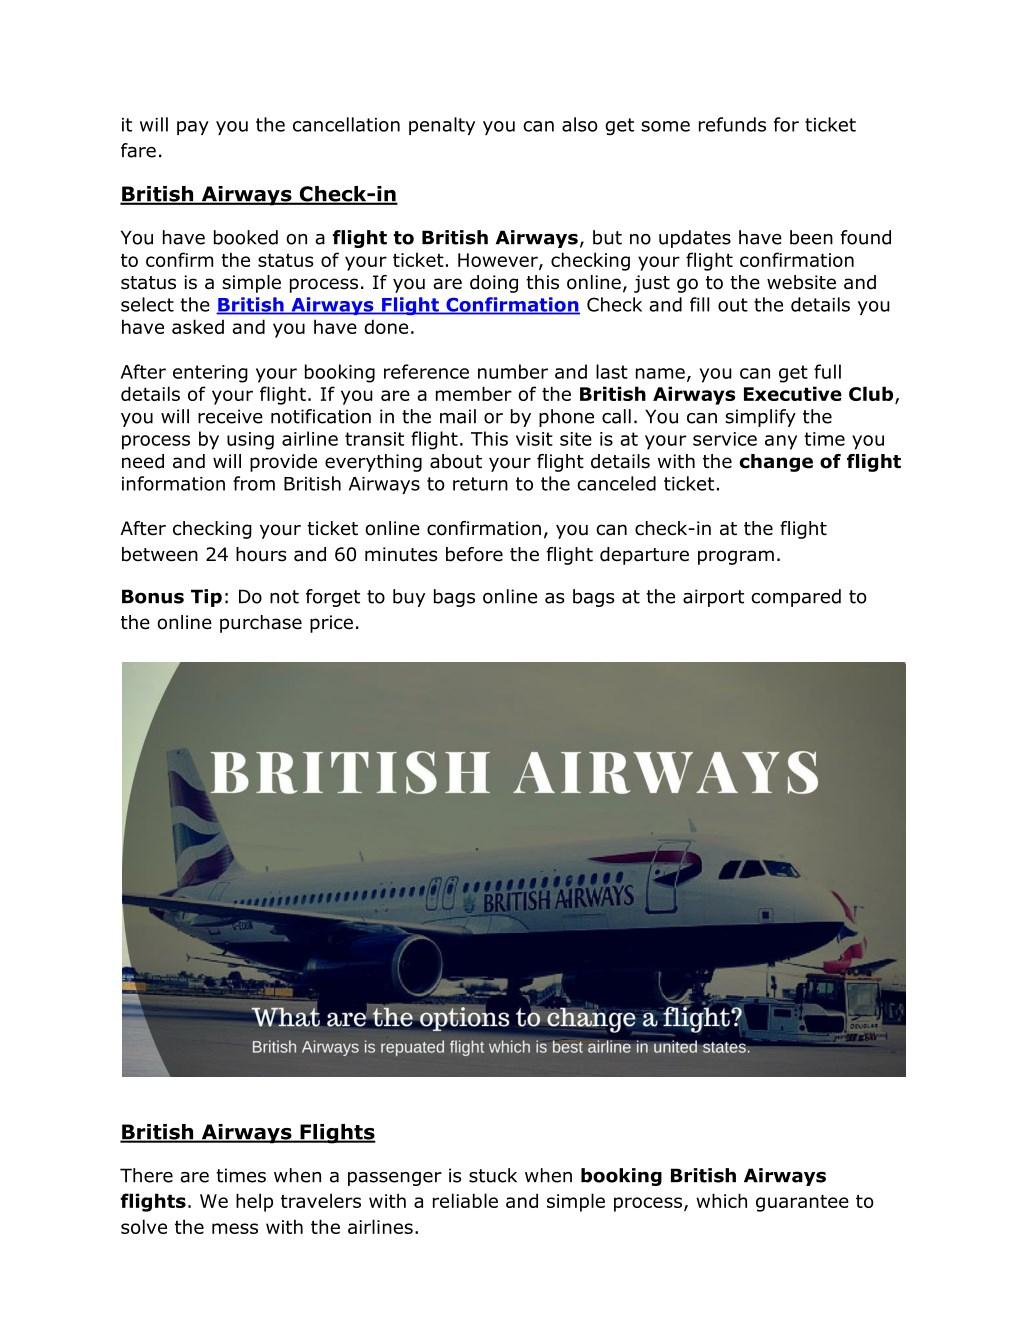 PPT - British Airways Check-In - Airline Flight Support PowerPoint